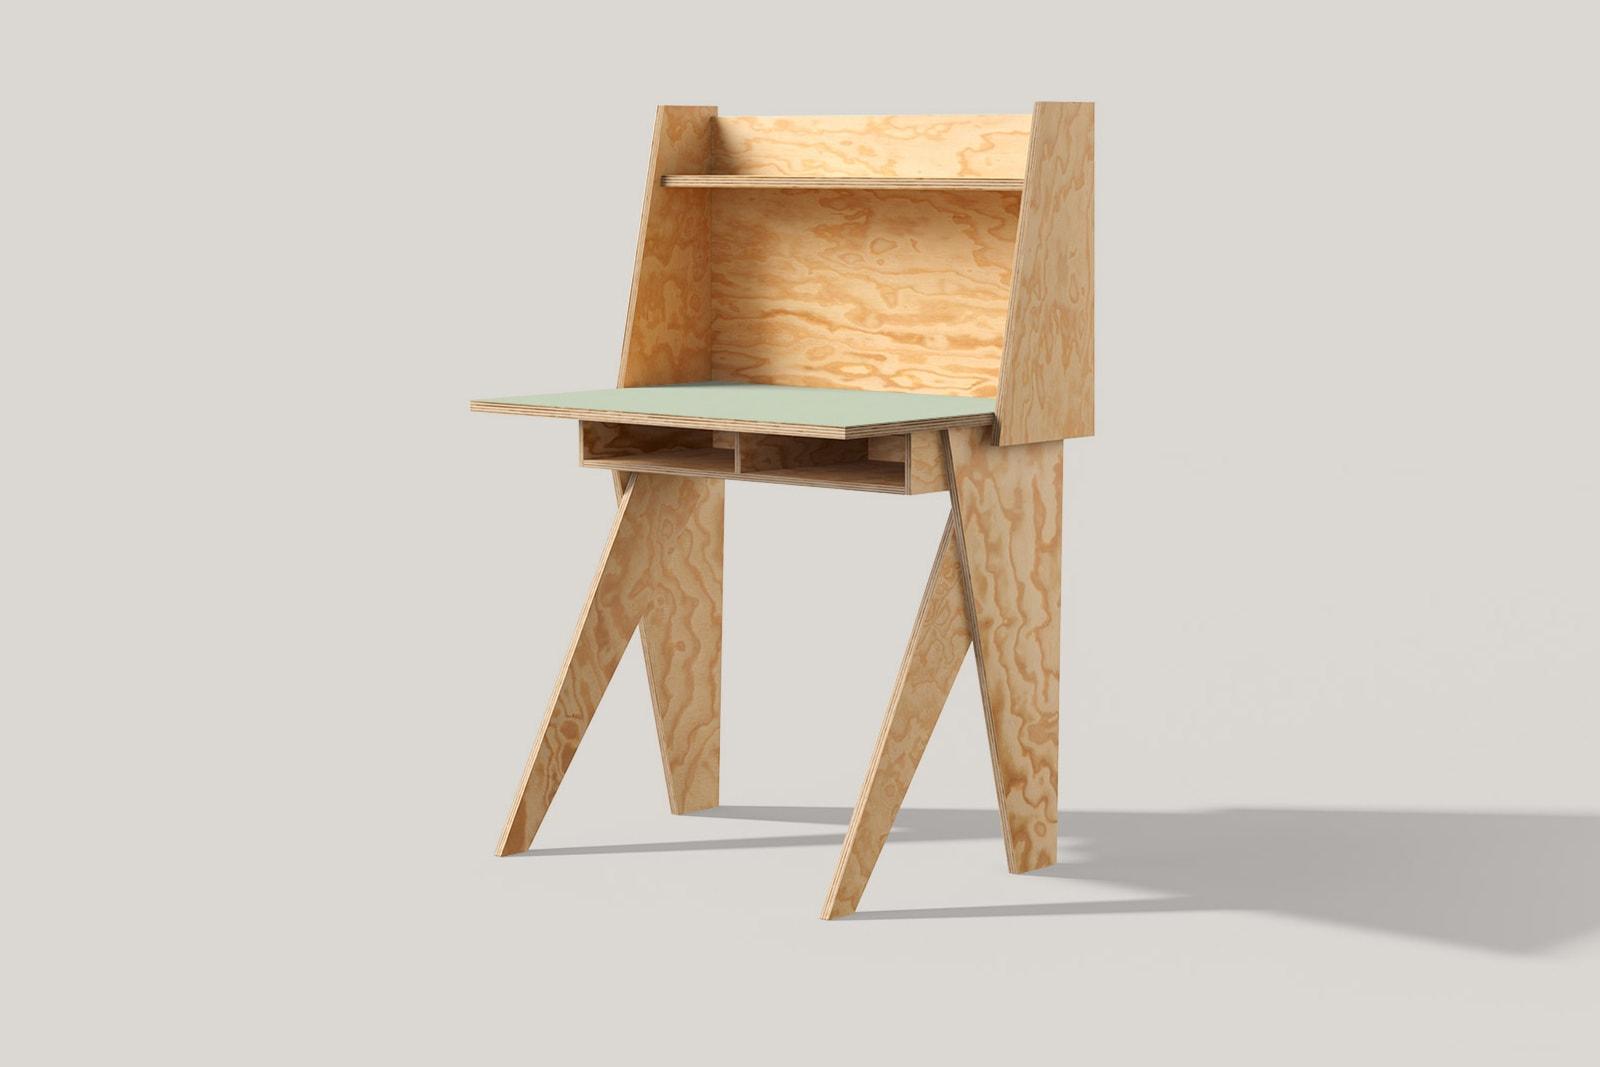 muesiemue Home Scholing Tisch von Tonia Welter, Tisch und Raumteiler elegant und kompakt vereint, in Seekiefer